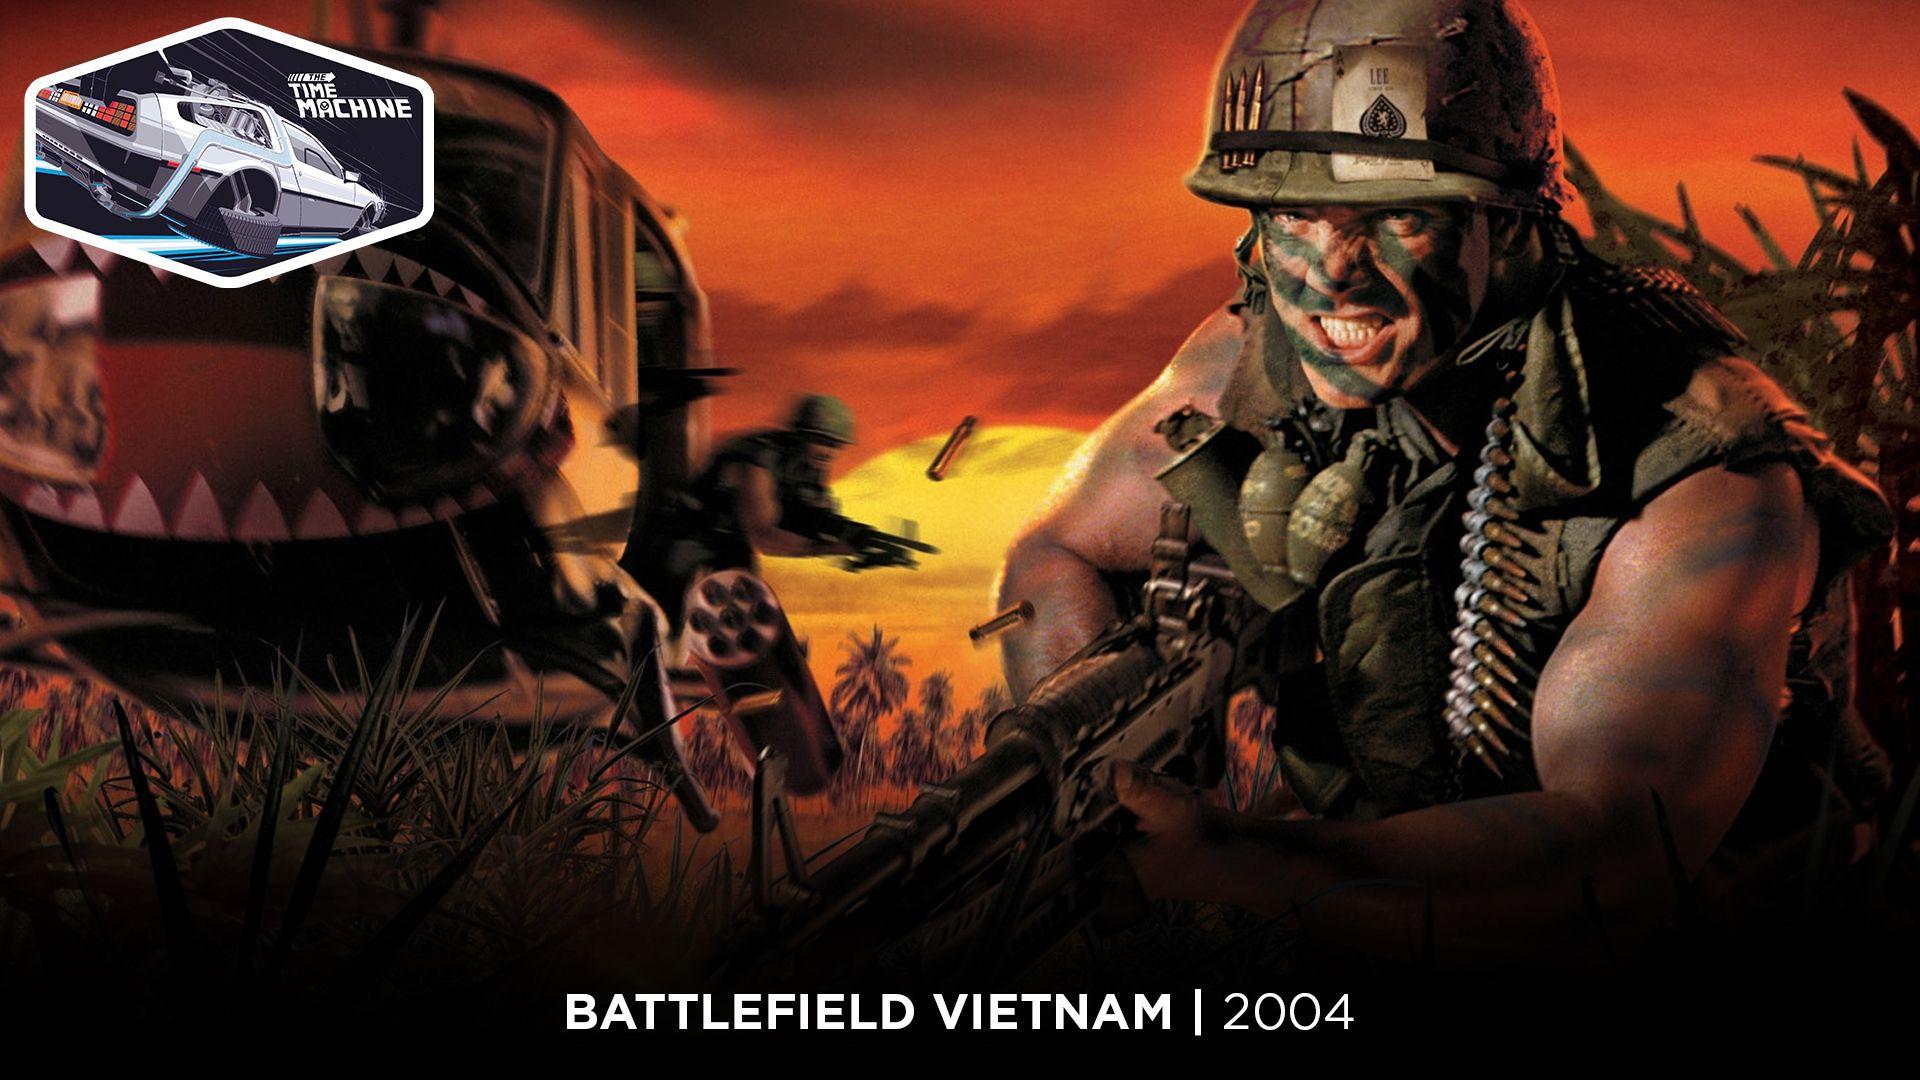 The Time Machine - Battlefield Vietnam